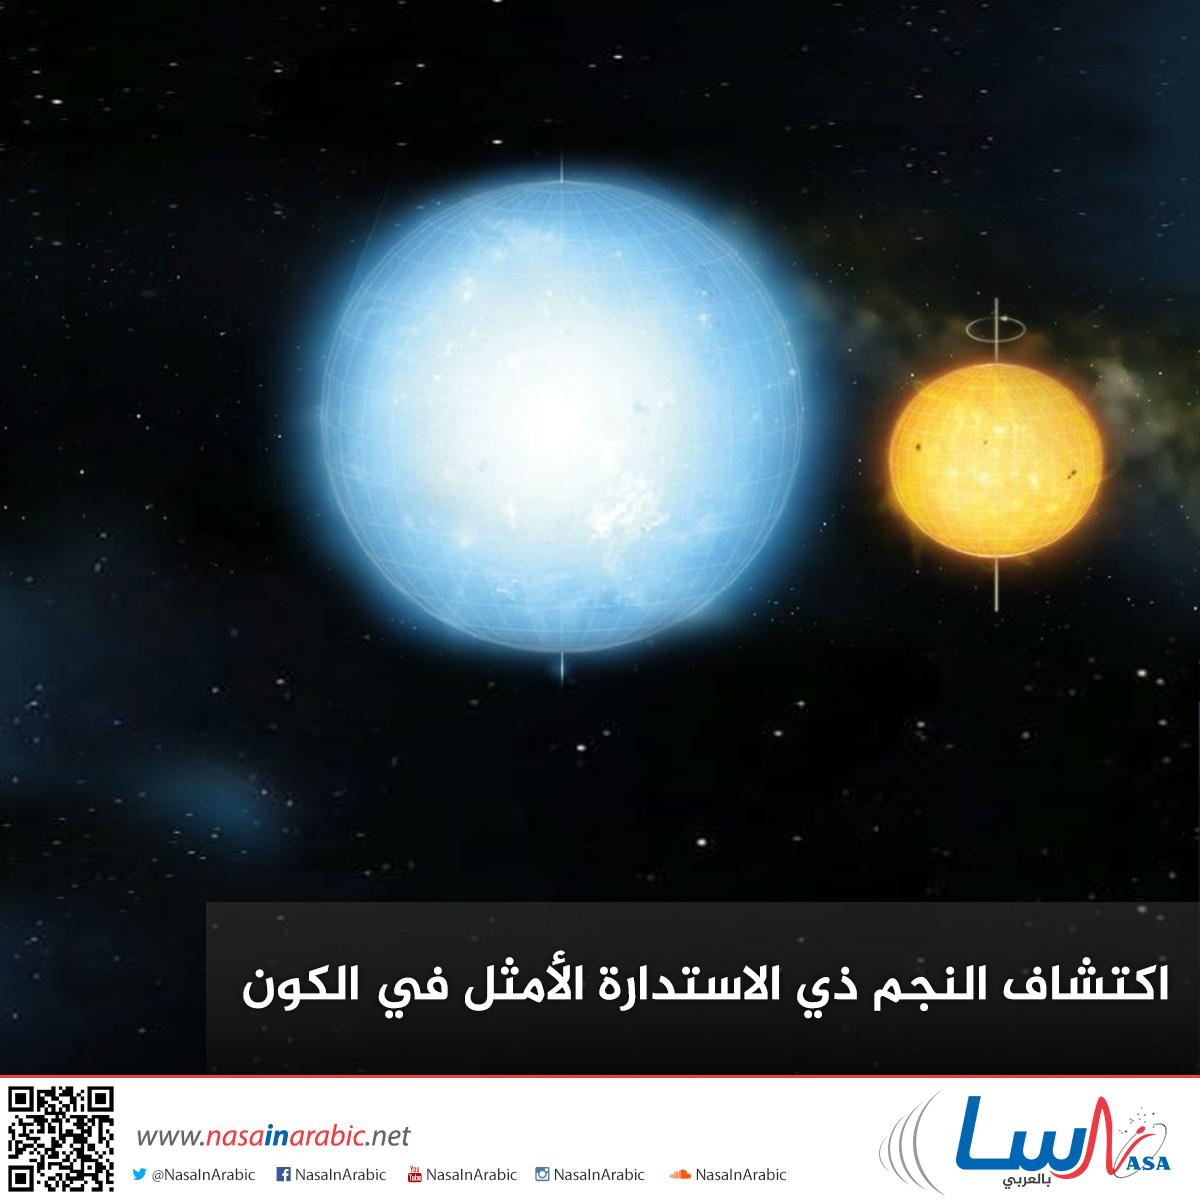 اكتشاف النجم ذي الاستدارة الأمثل في الكون